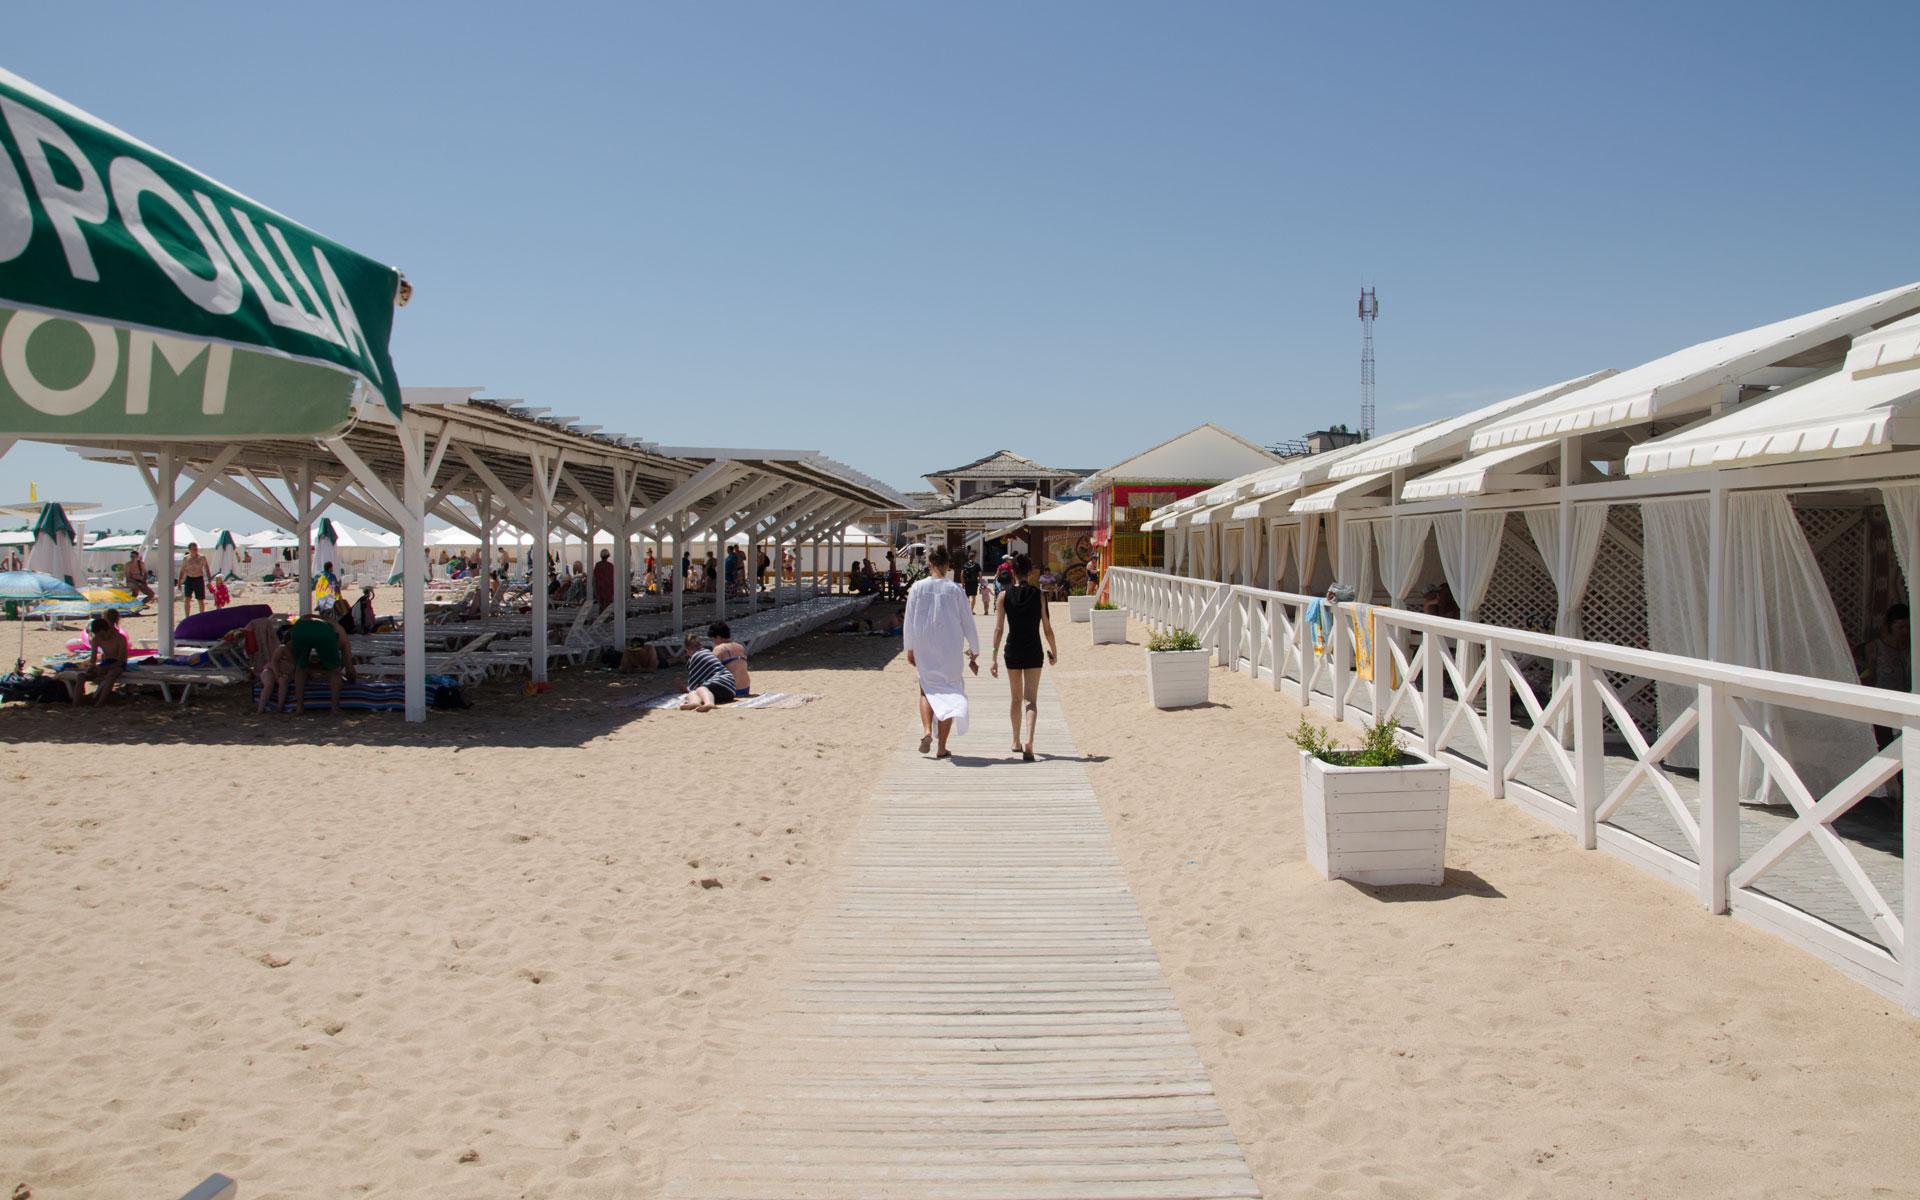 Теневые навесы на пляже Лазурный берег. Фото Евпатории